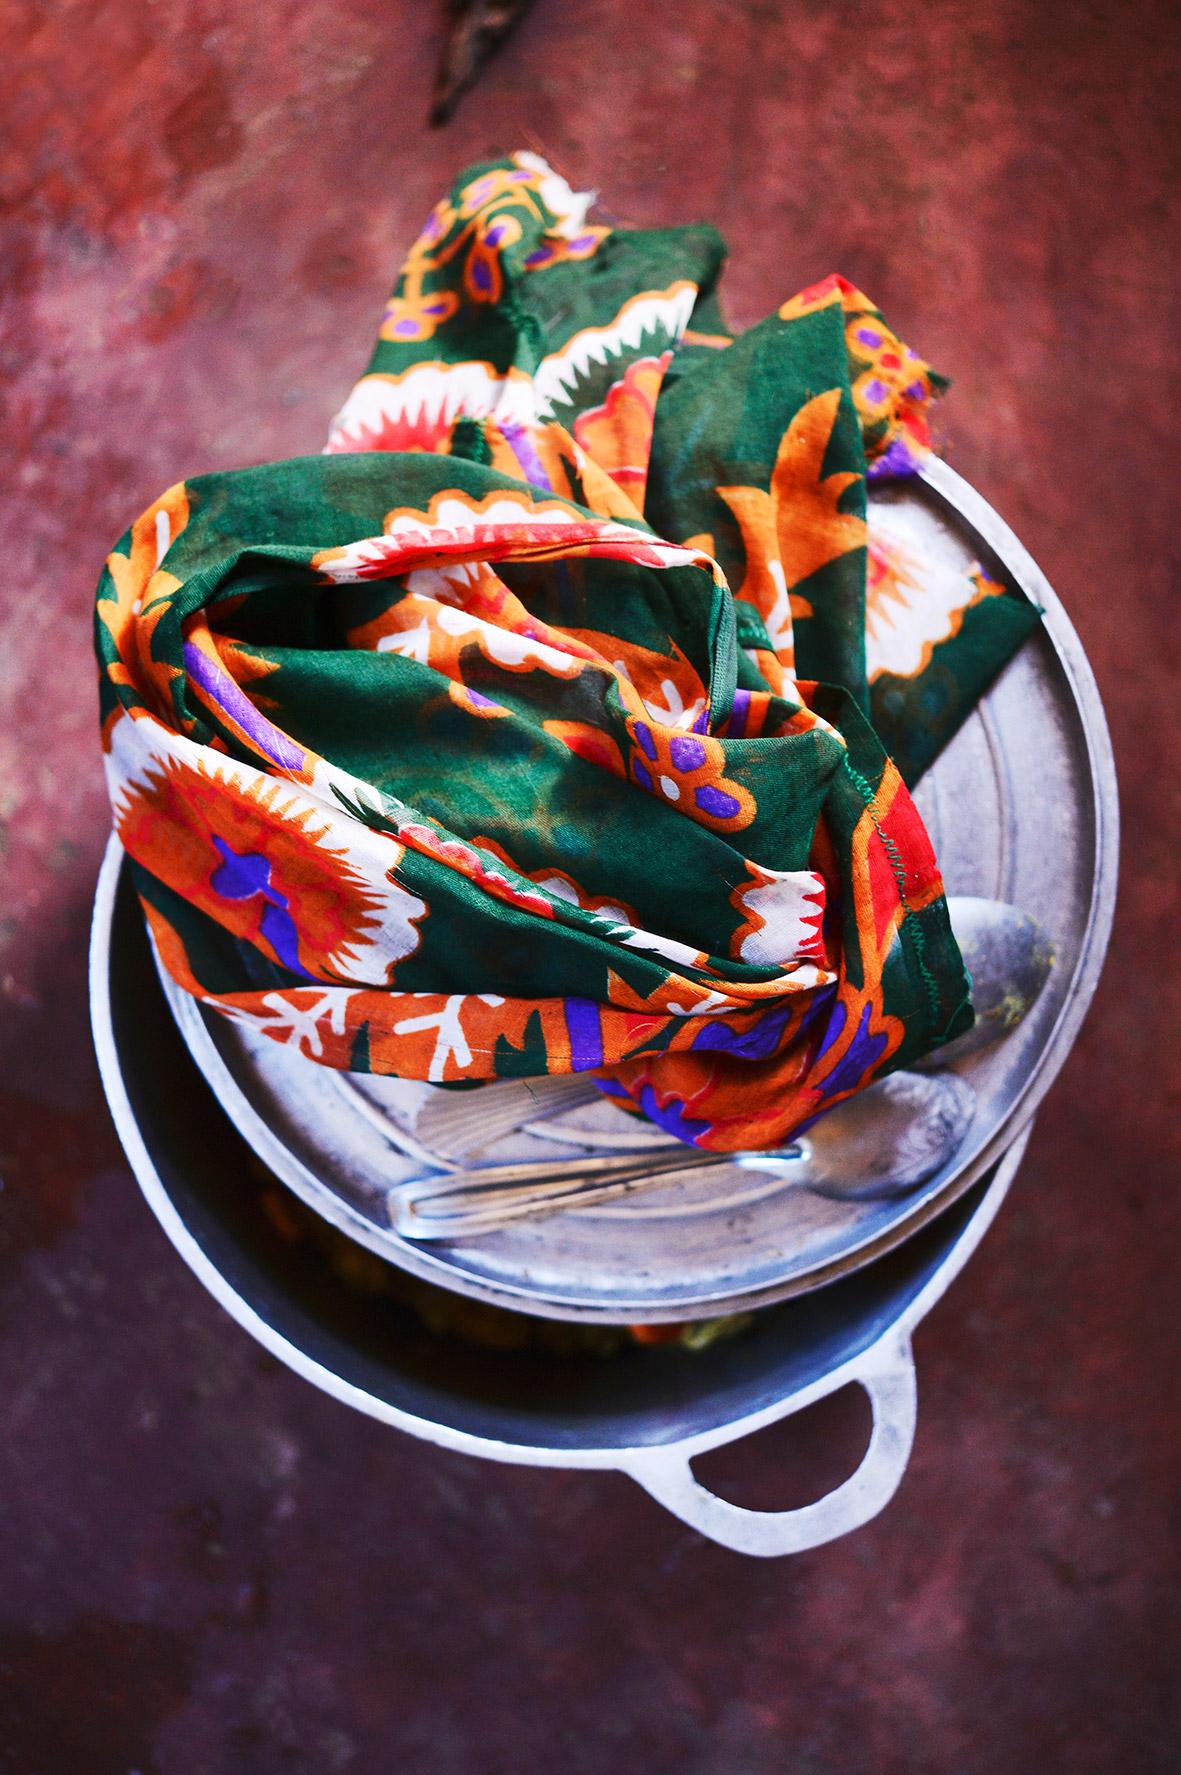 Afrikanisch Kochen, Bild aus Afrika erhältlich im Onlineshop